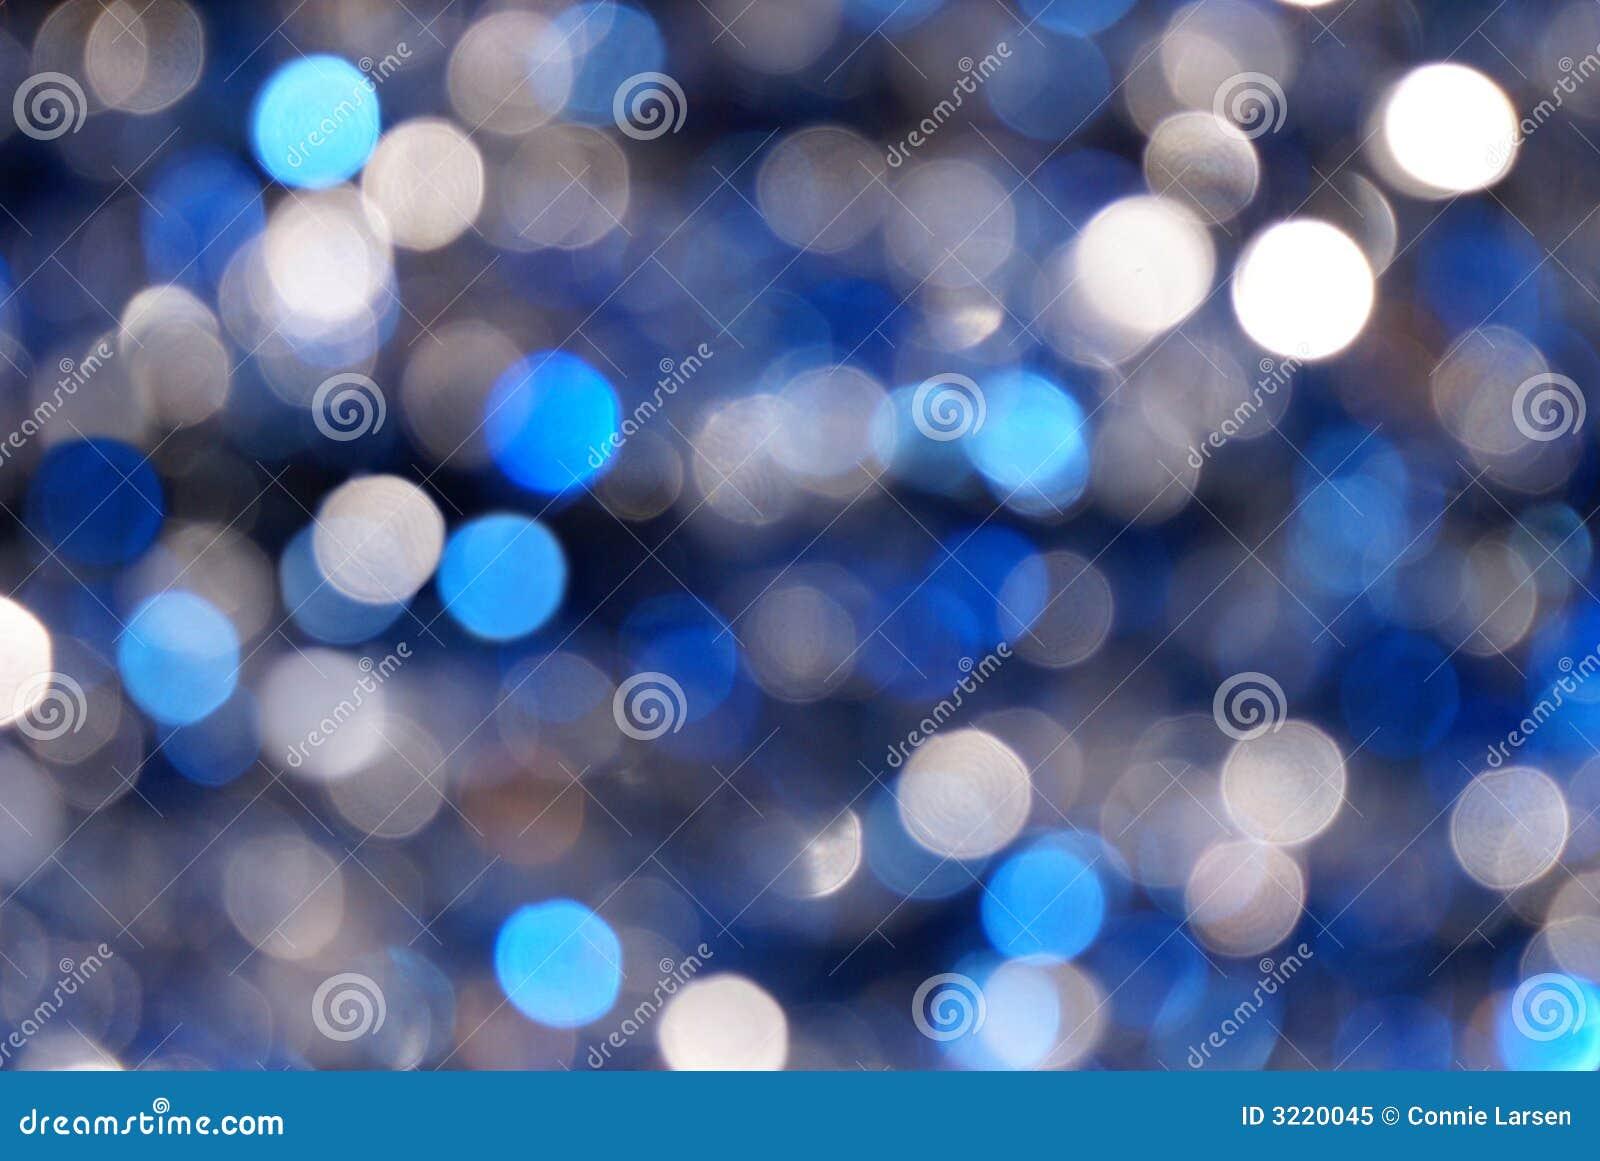 Blau-u. Silber-Unschärfen-Hintergrund